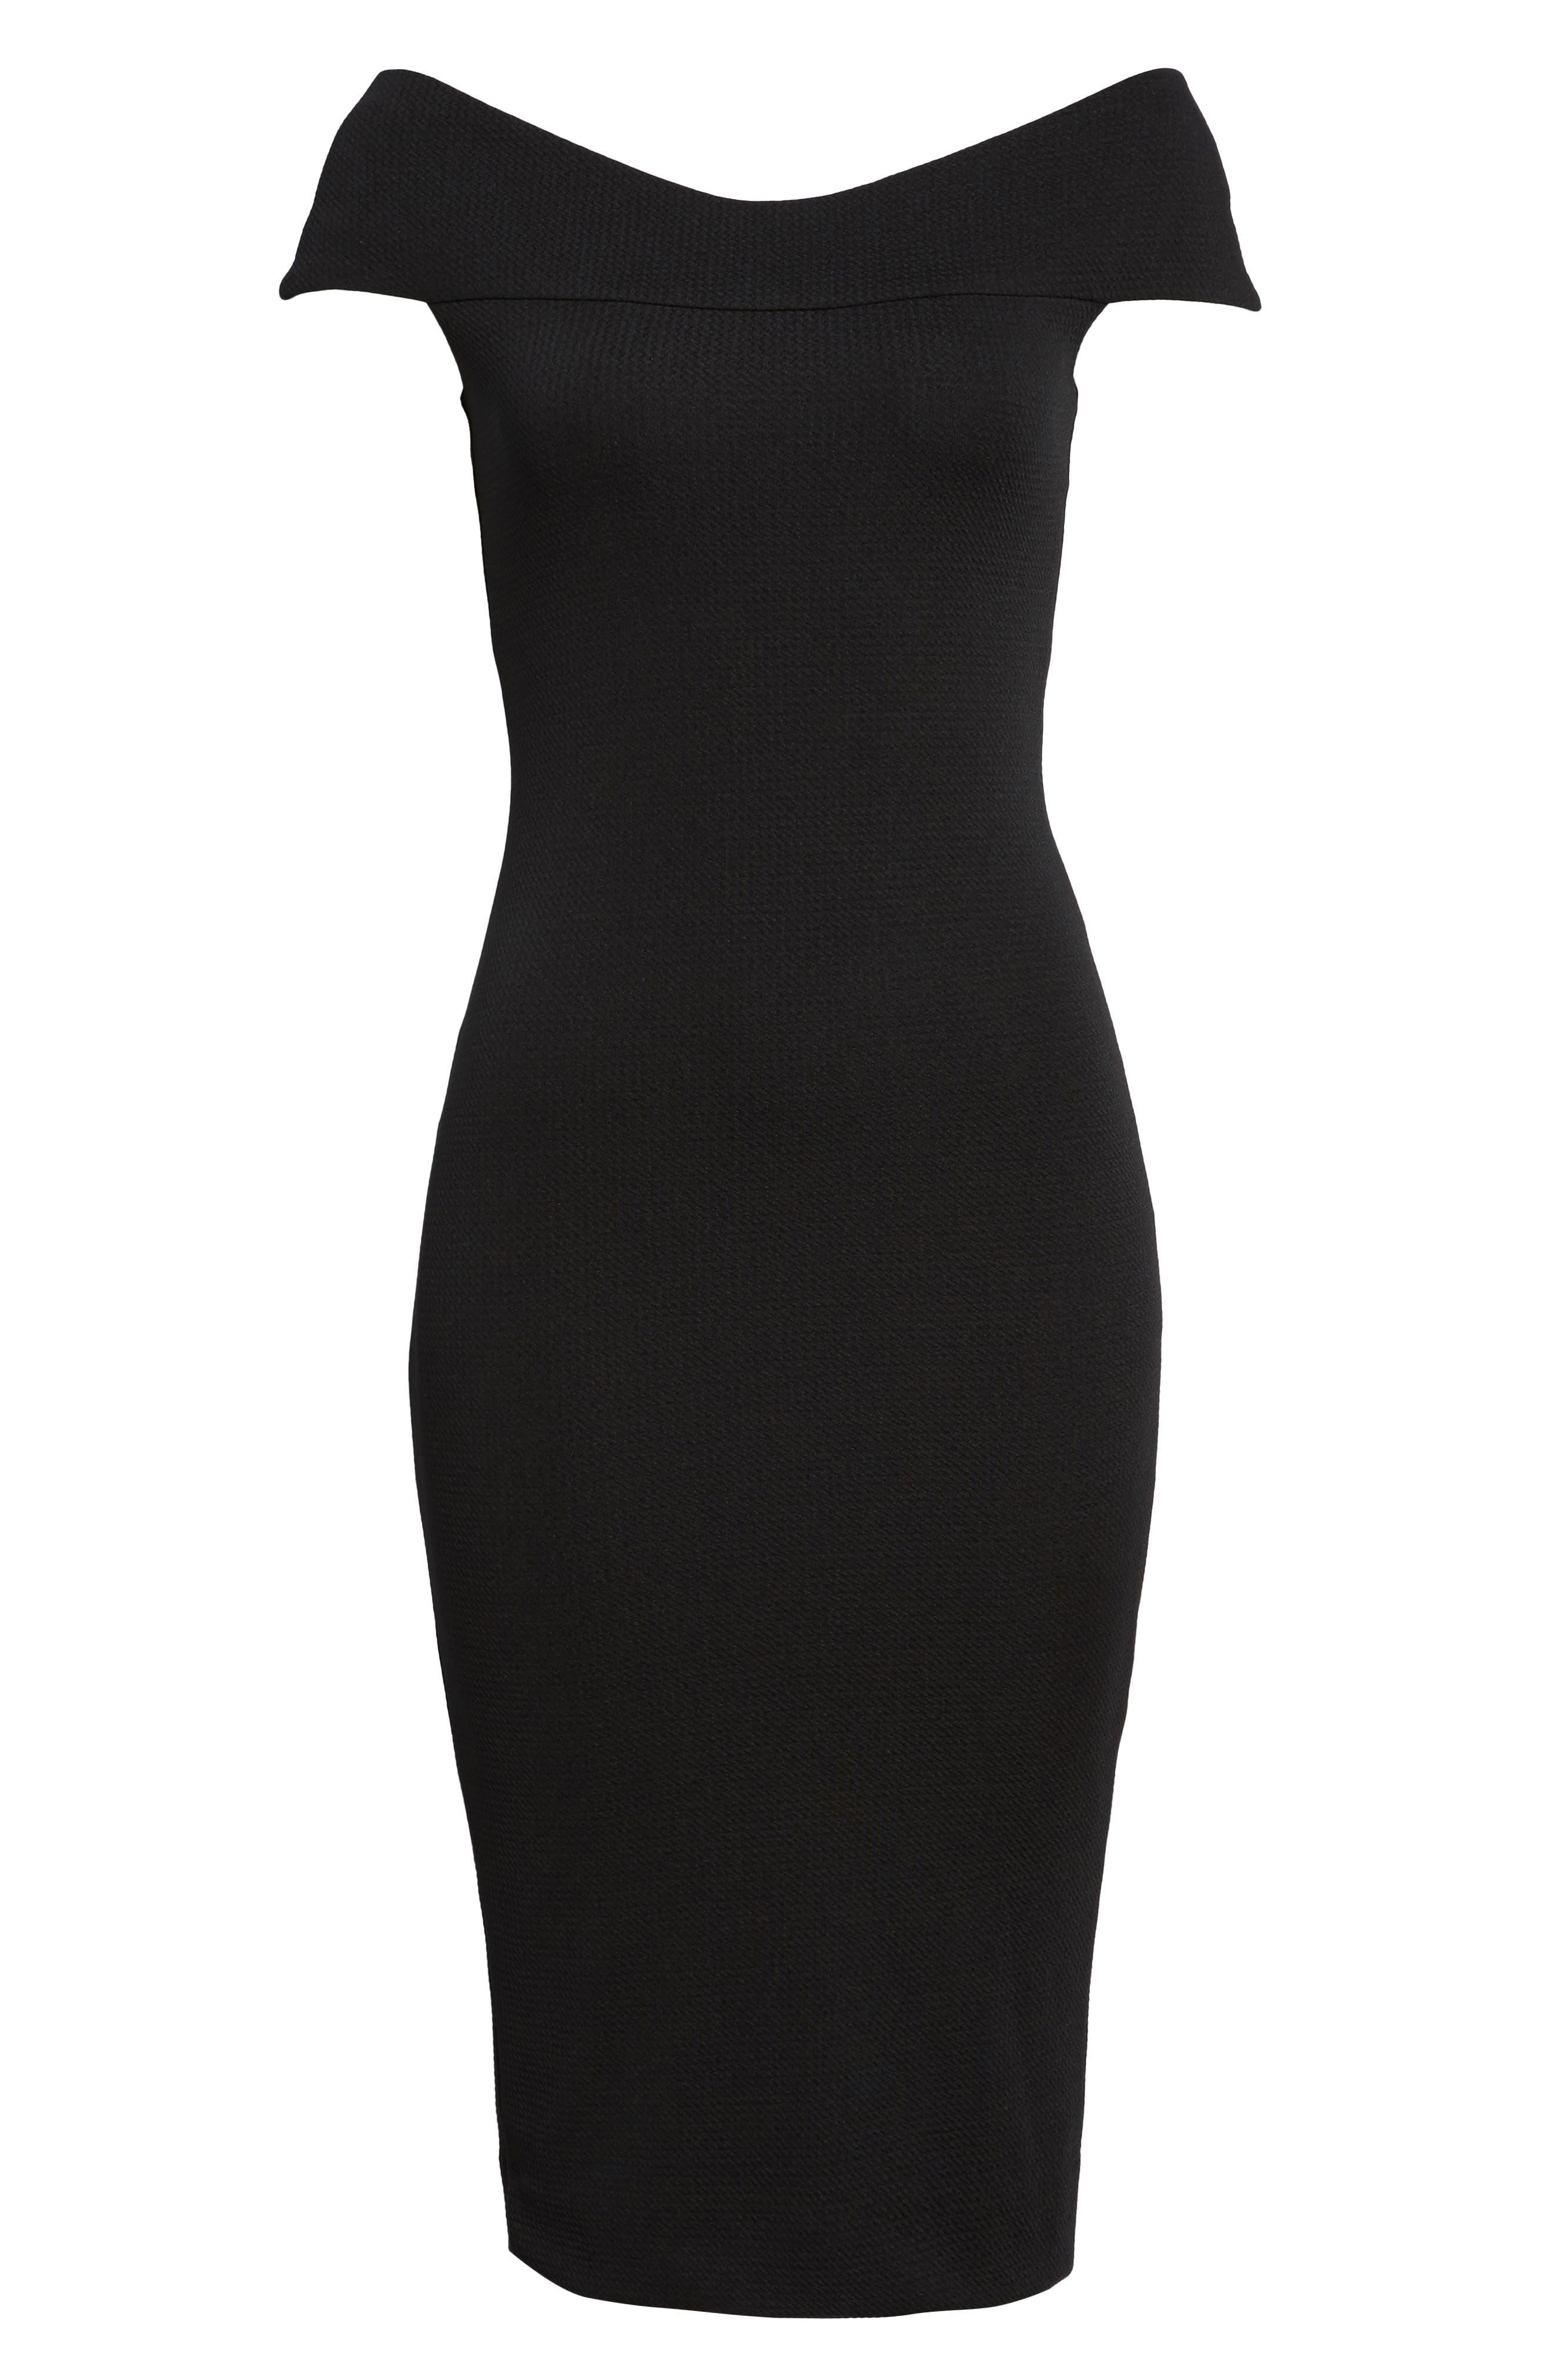 Claudette Textured Dress,                             Alternate thumbnail 5, color,                             001